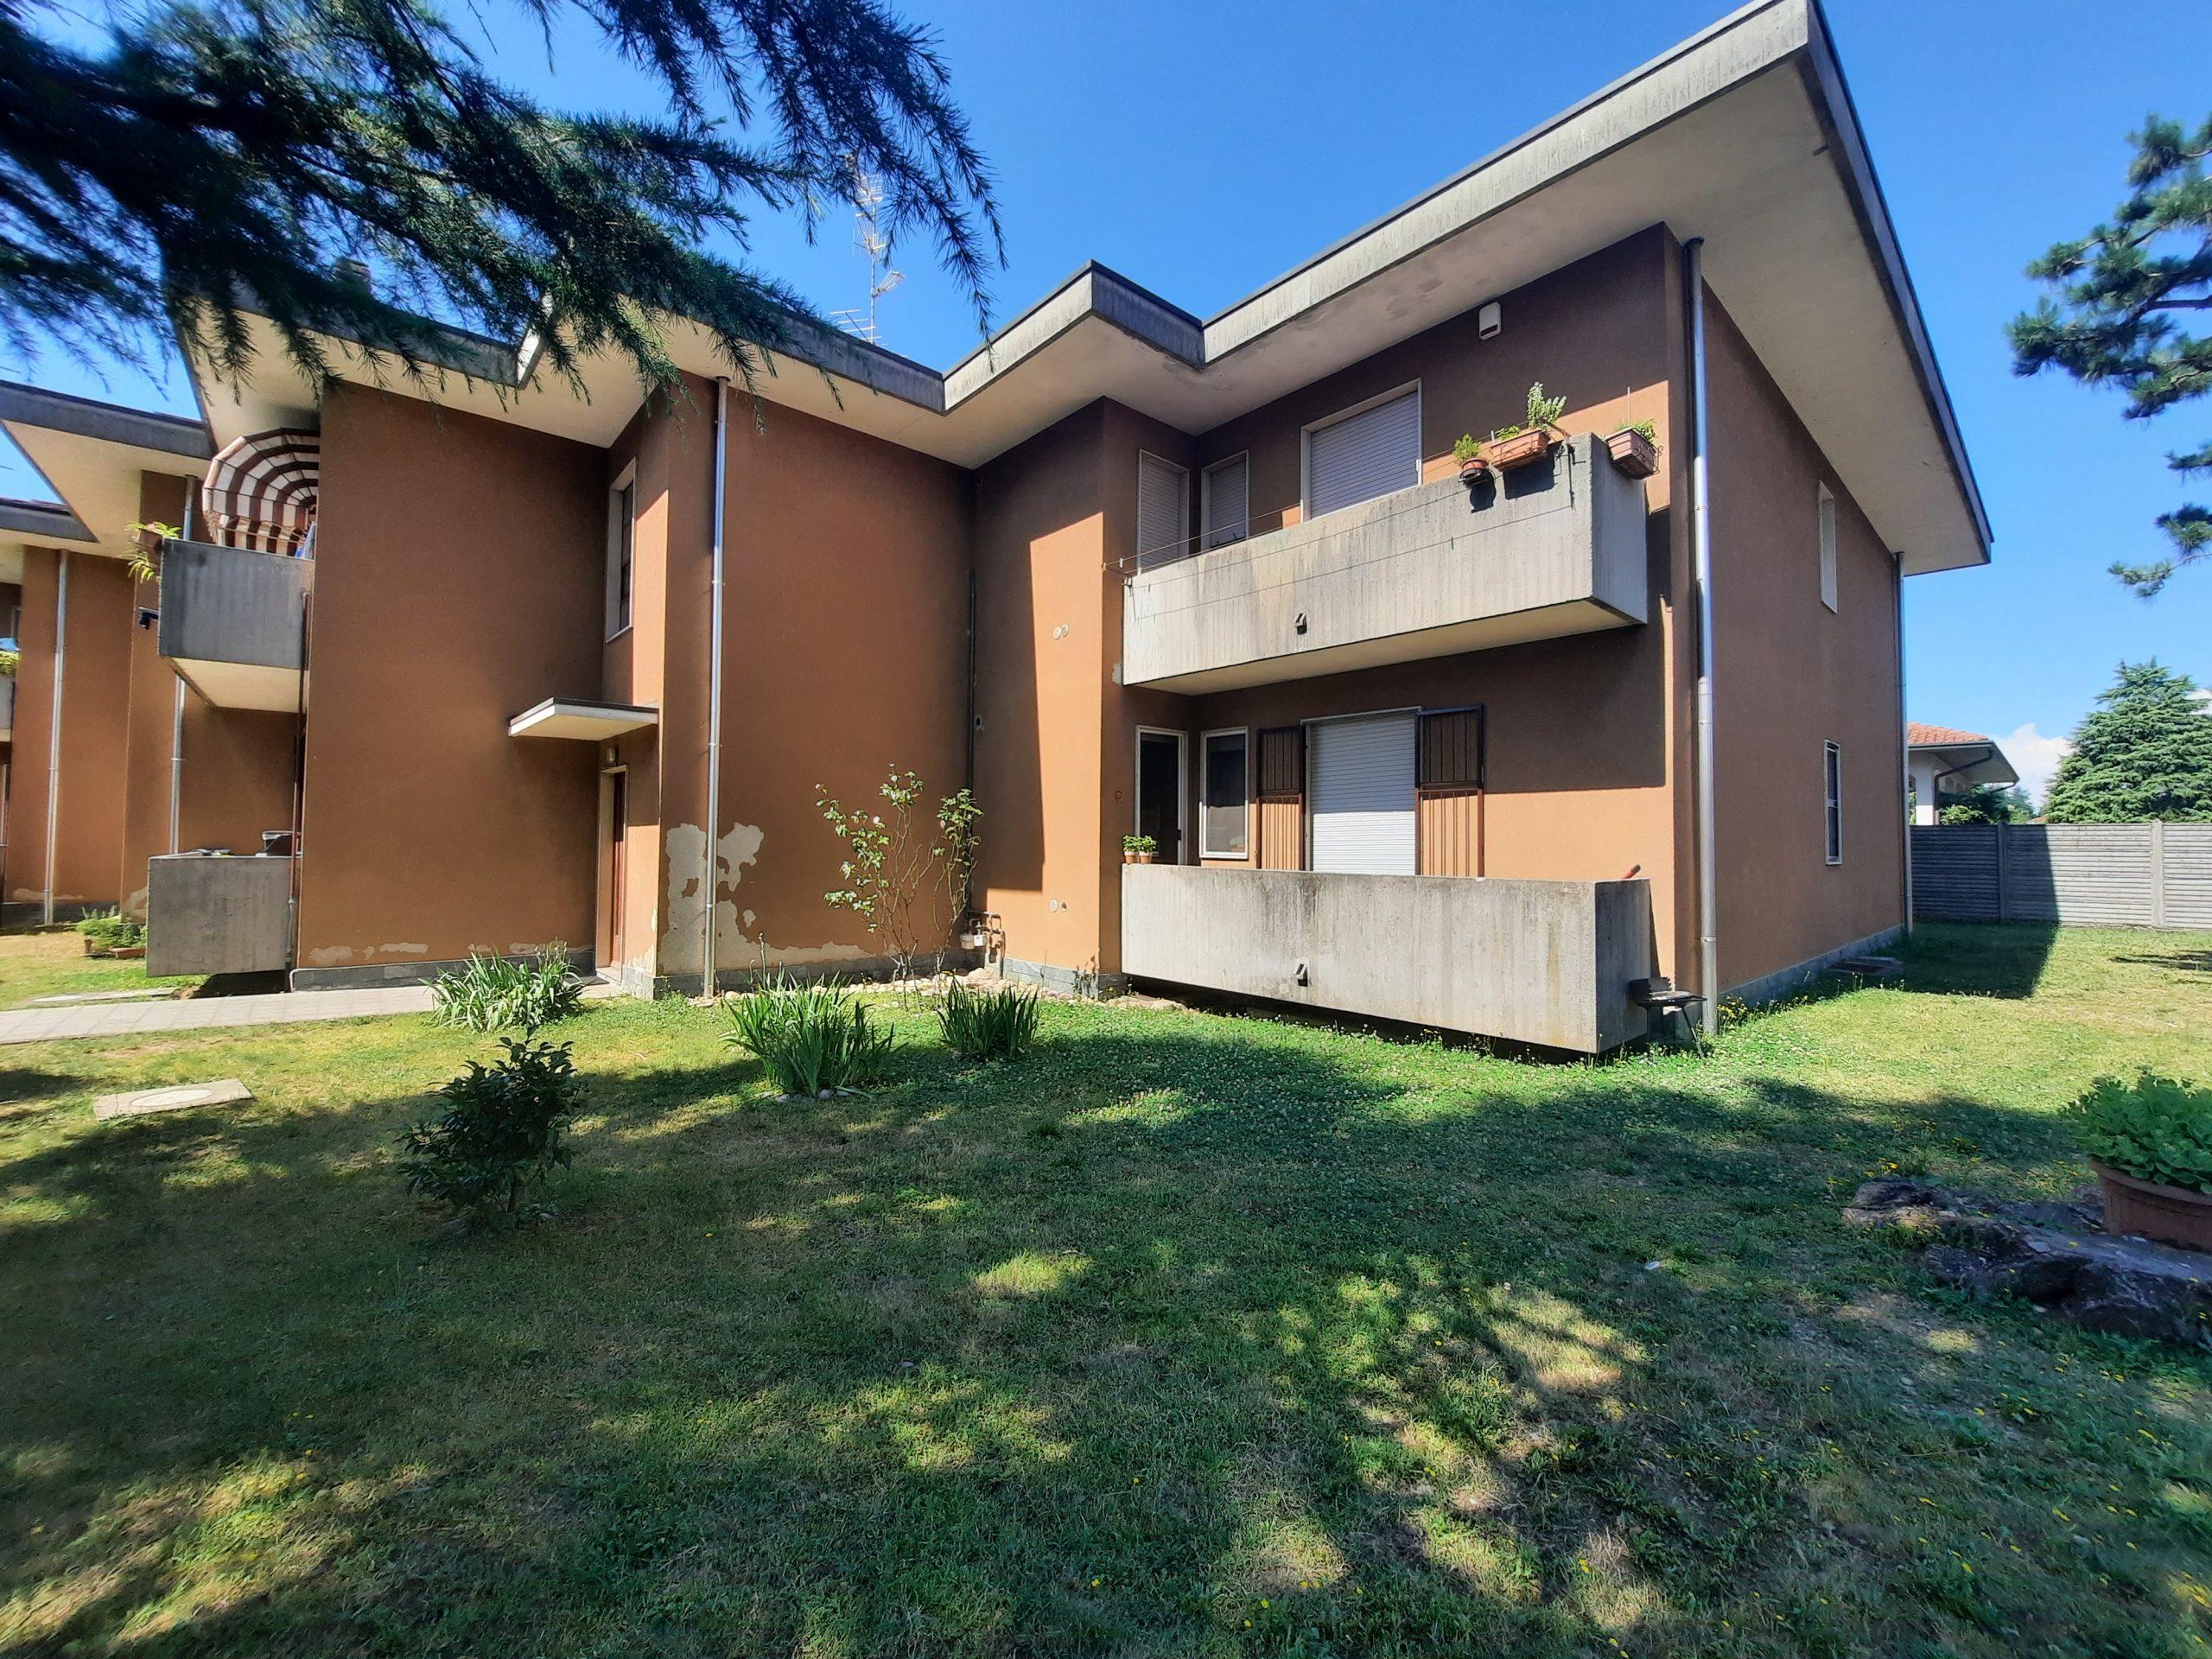 Appartamento trilocale in vendita a Magnago